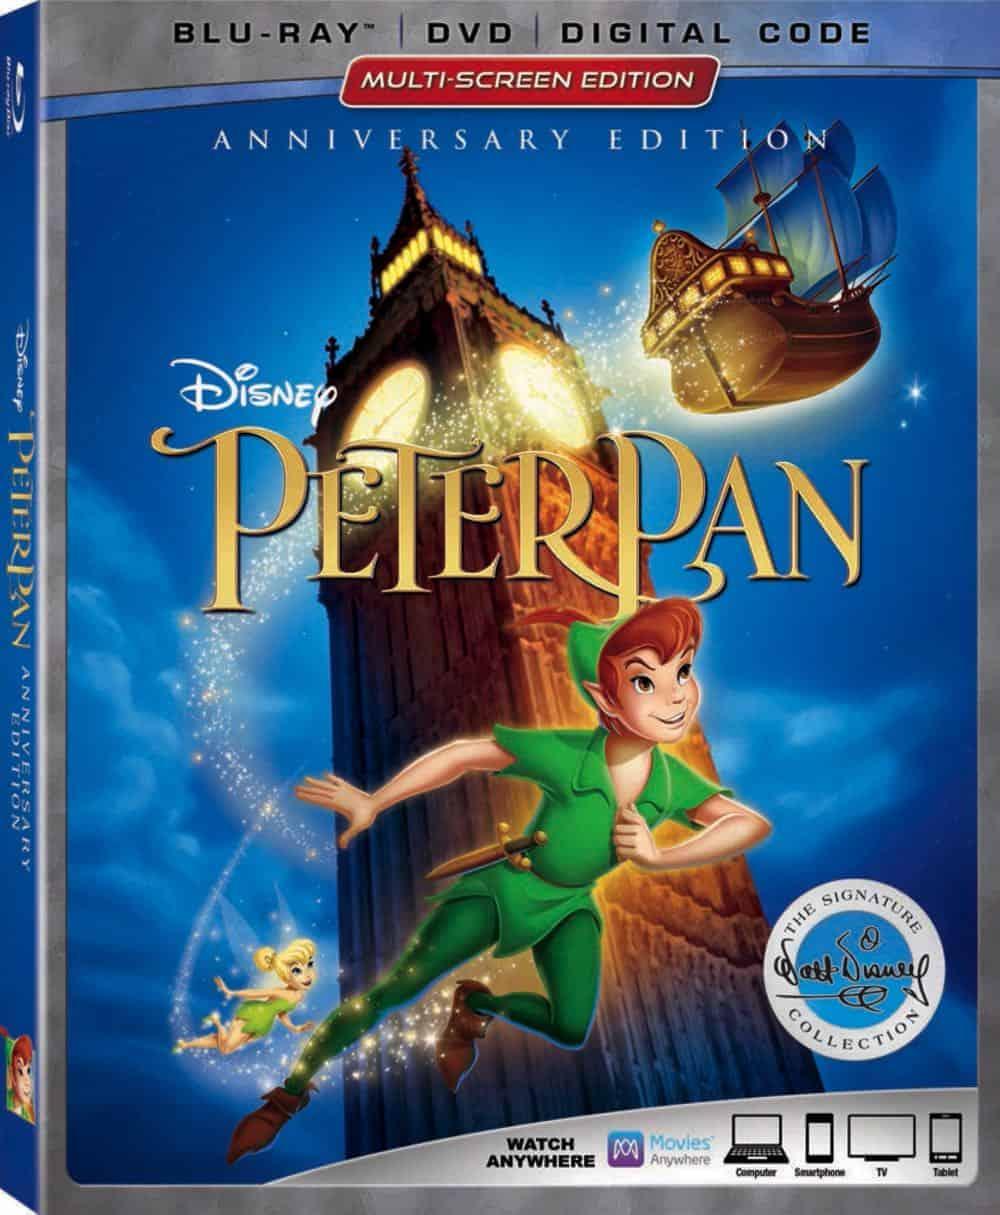 Peter-Pan-65th-Anniversary-Blu-ray-Box-Art